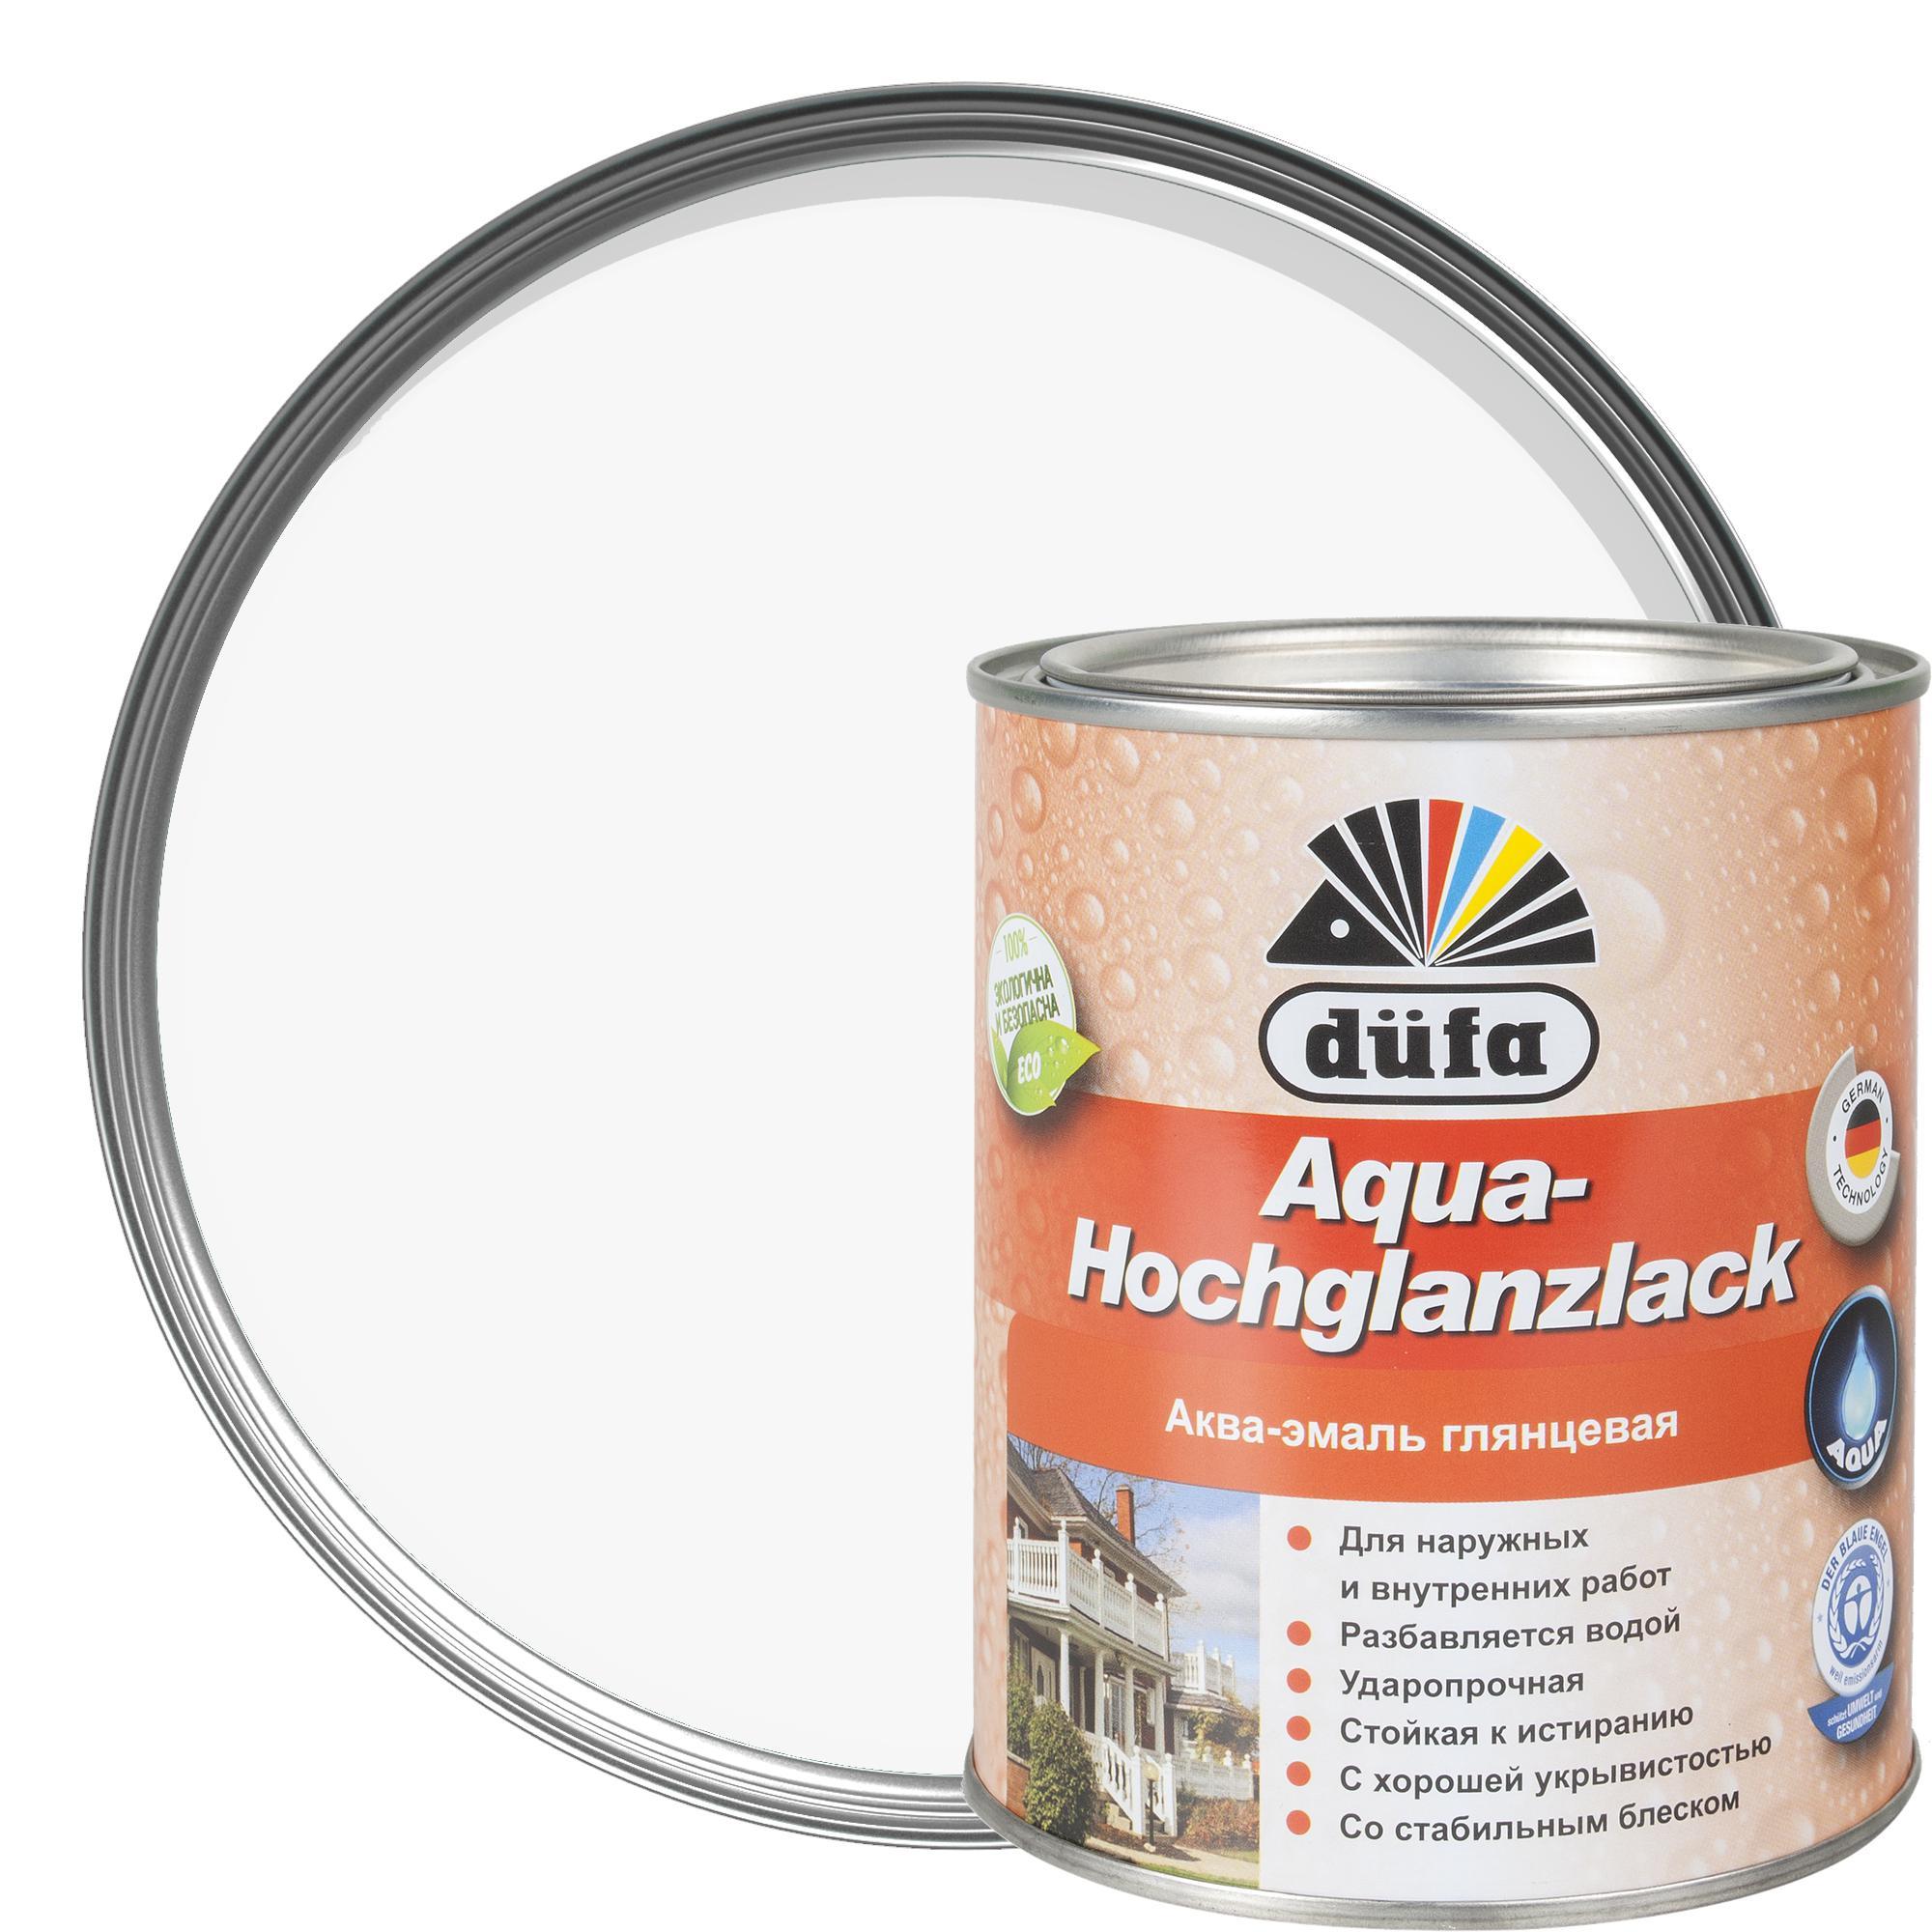 Акрилдік шайыр негізіндегі су қосып сұйылтатын эмаль: Dufa Hochglanzlack эмалі, жылтыр, ақ түсті, 0,75 л